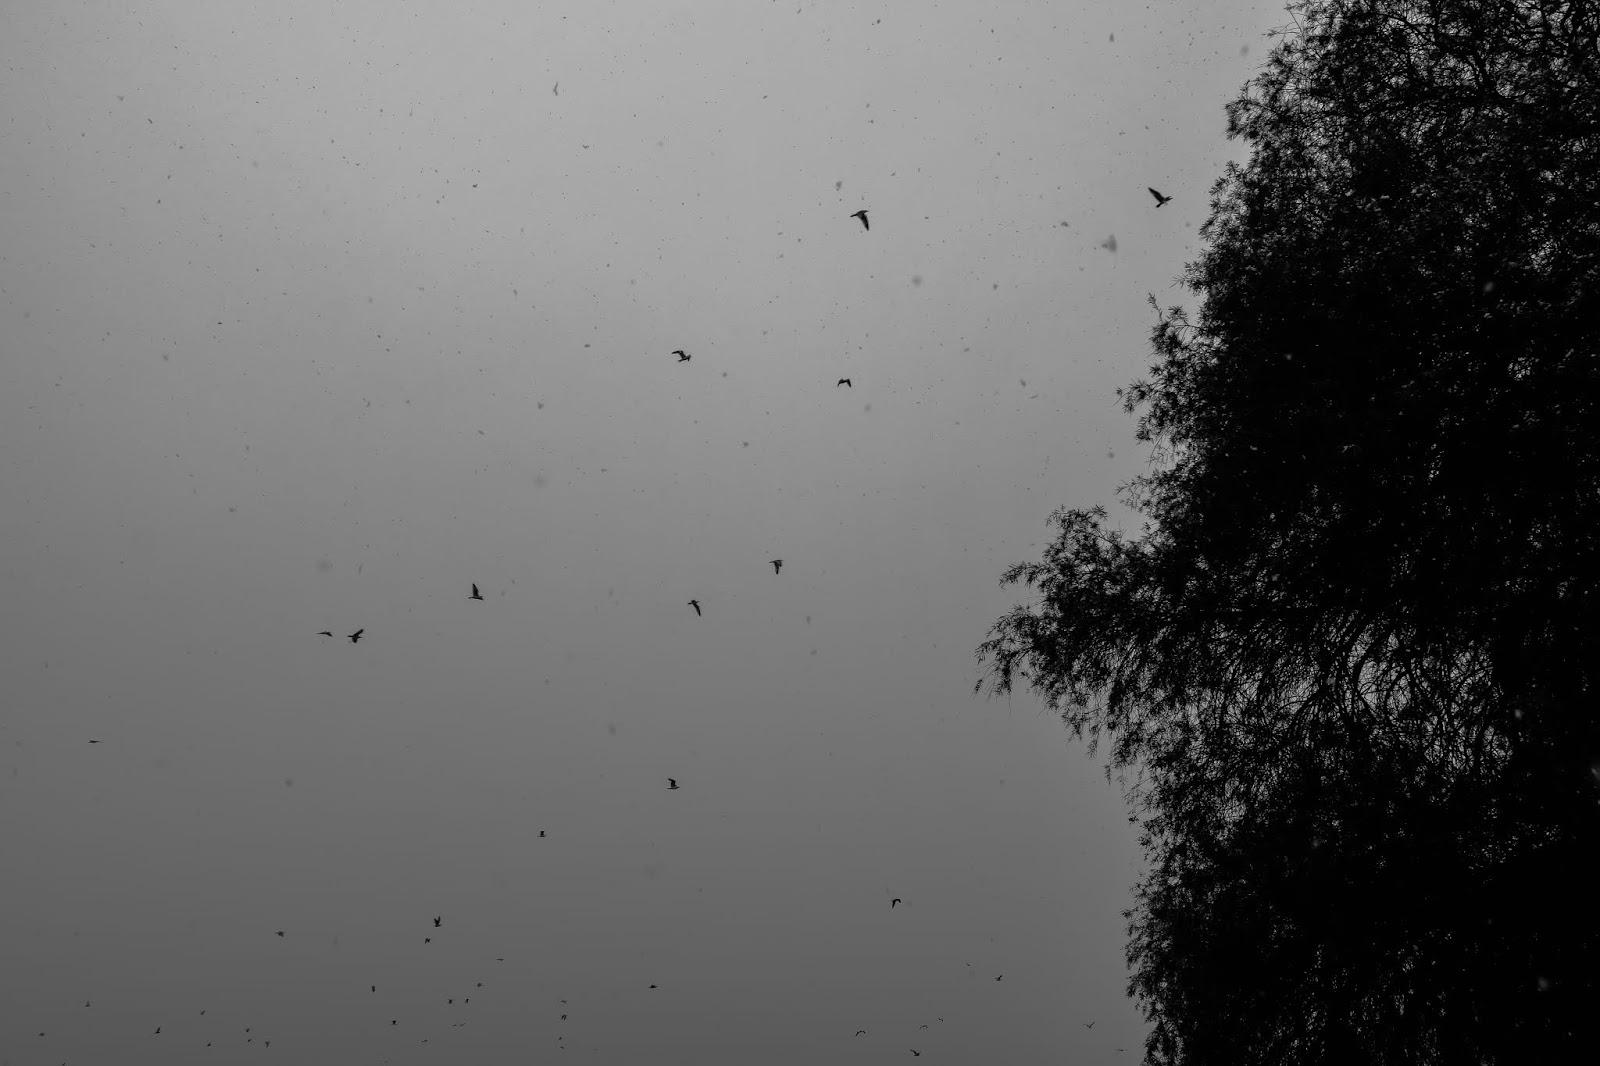 Λίπος μουνί μαύρες φωτογραφίες